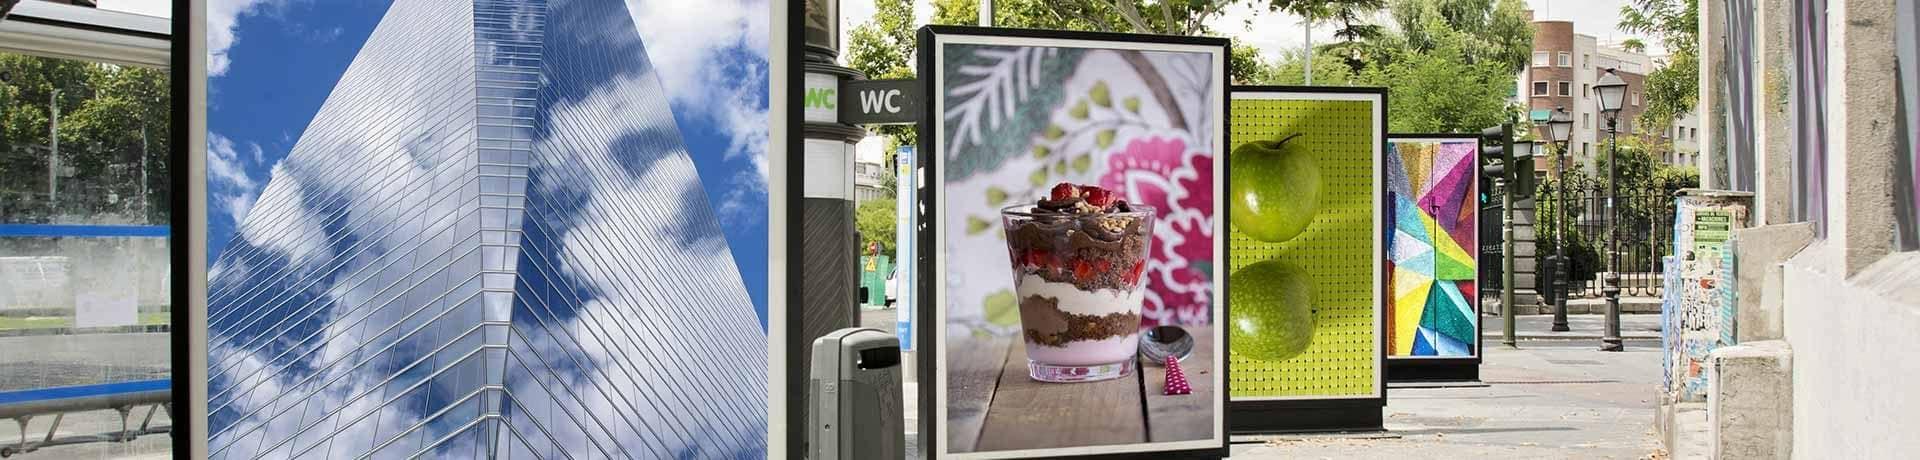 Digitaldruck für Werbemittel Aussenbereich